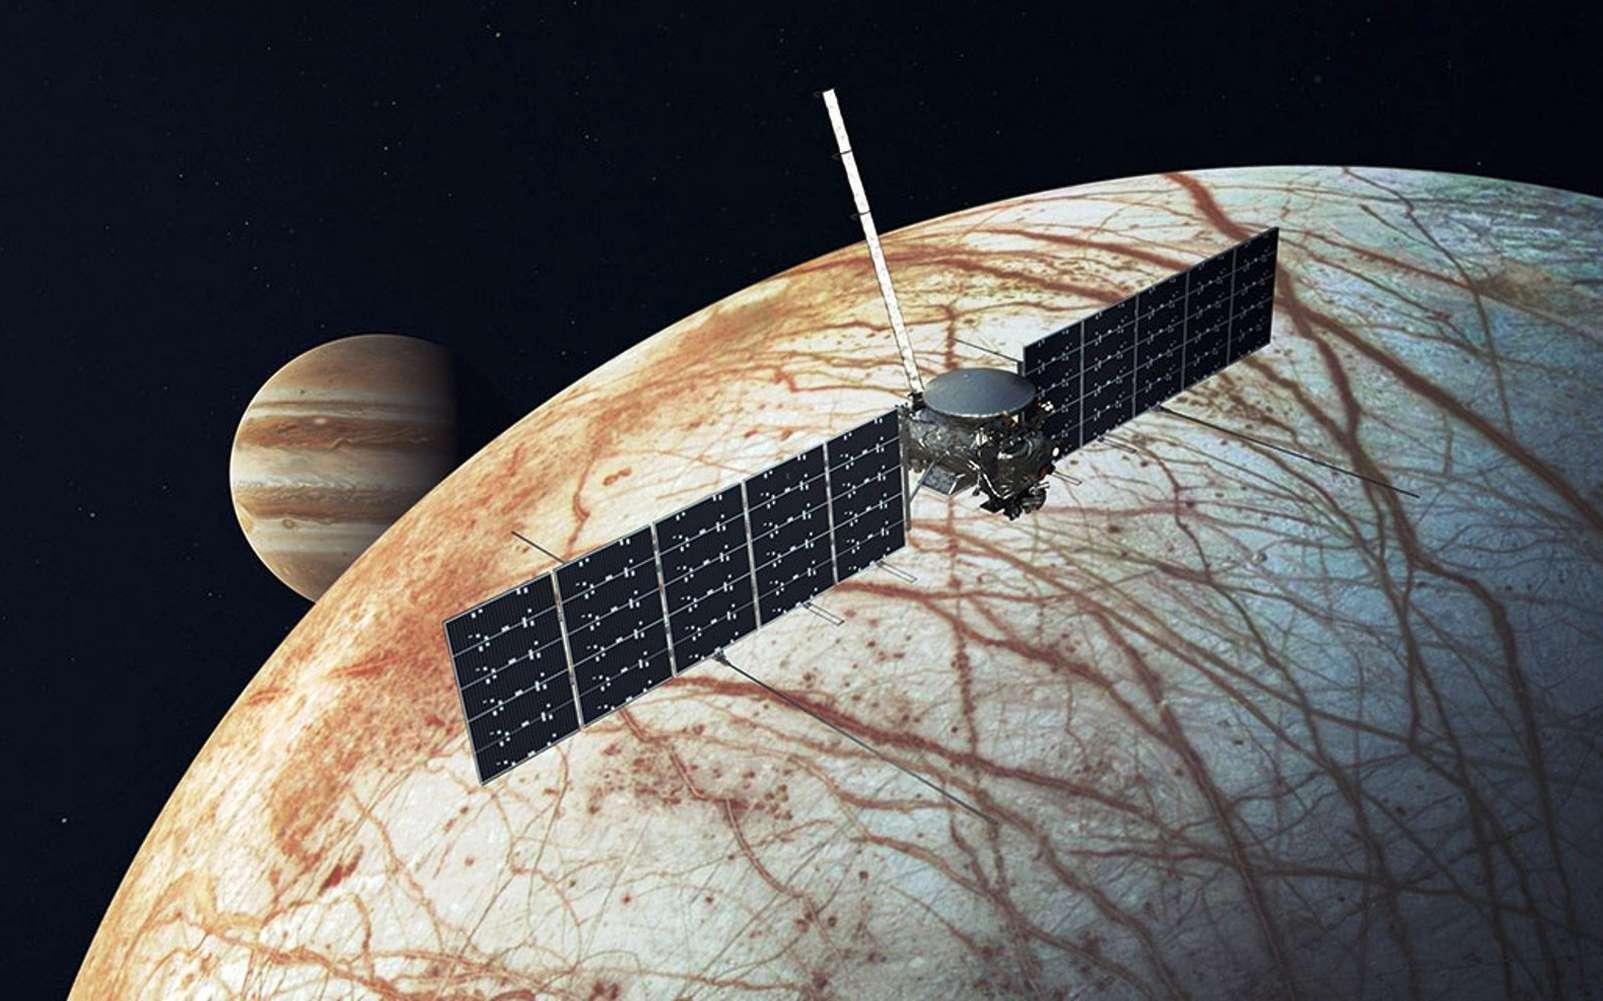 Cette illustration représente le vaisseau spatial Europa Clipper de la Nasa. La mission, qui vise un lancement en 2024, examinera si la lune de Jupiter, Europe, et son océan interne ont des conditions propices à la vie. © Nasa, JPL-Caltech